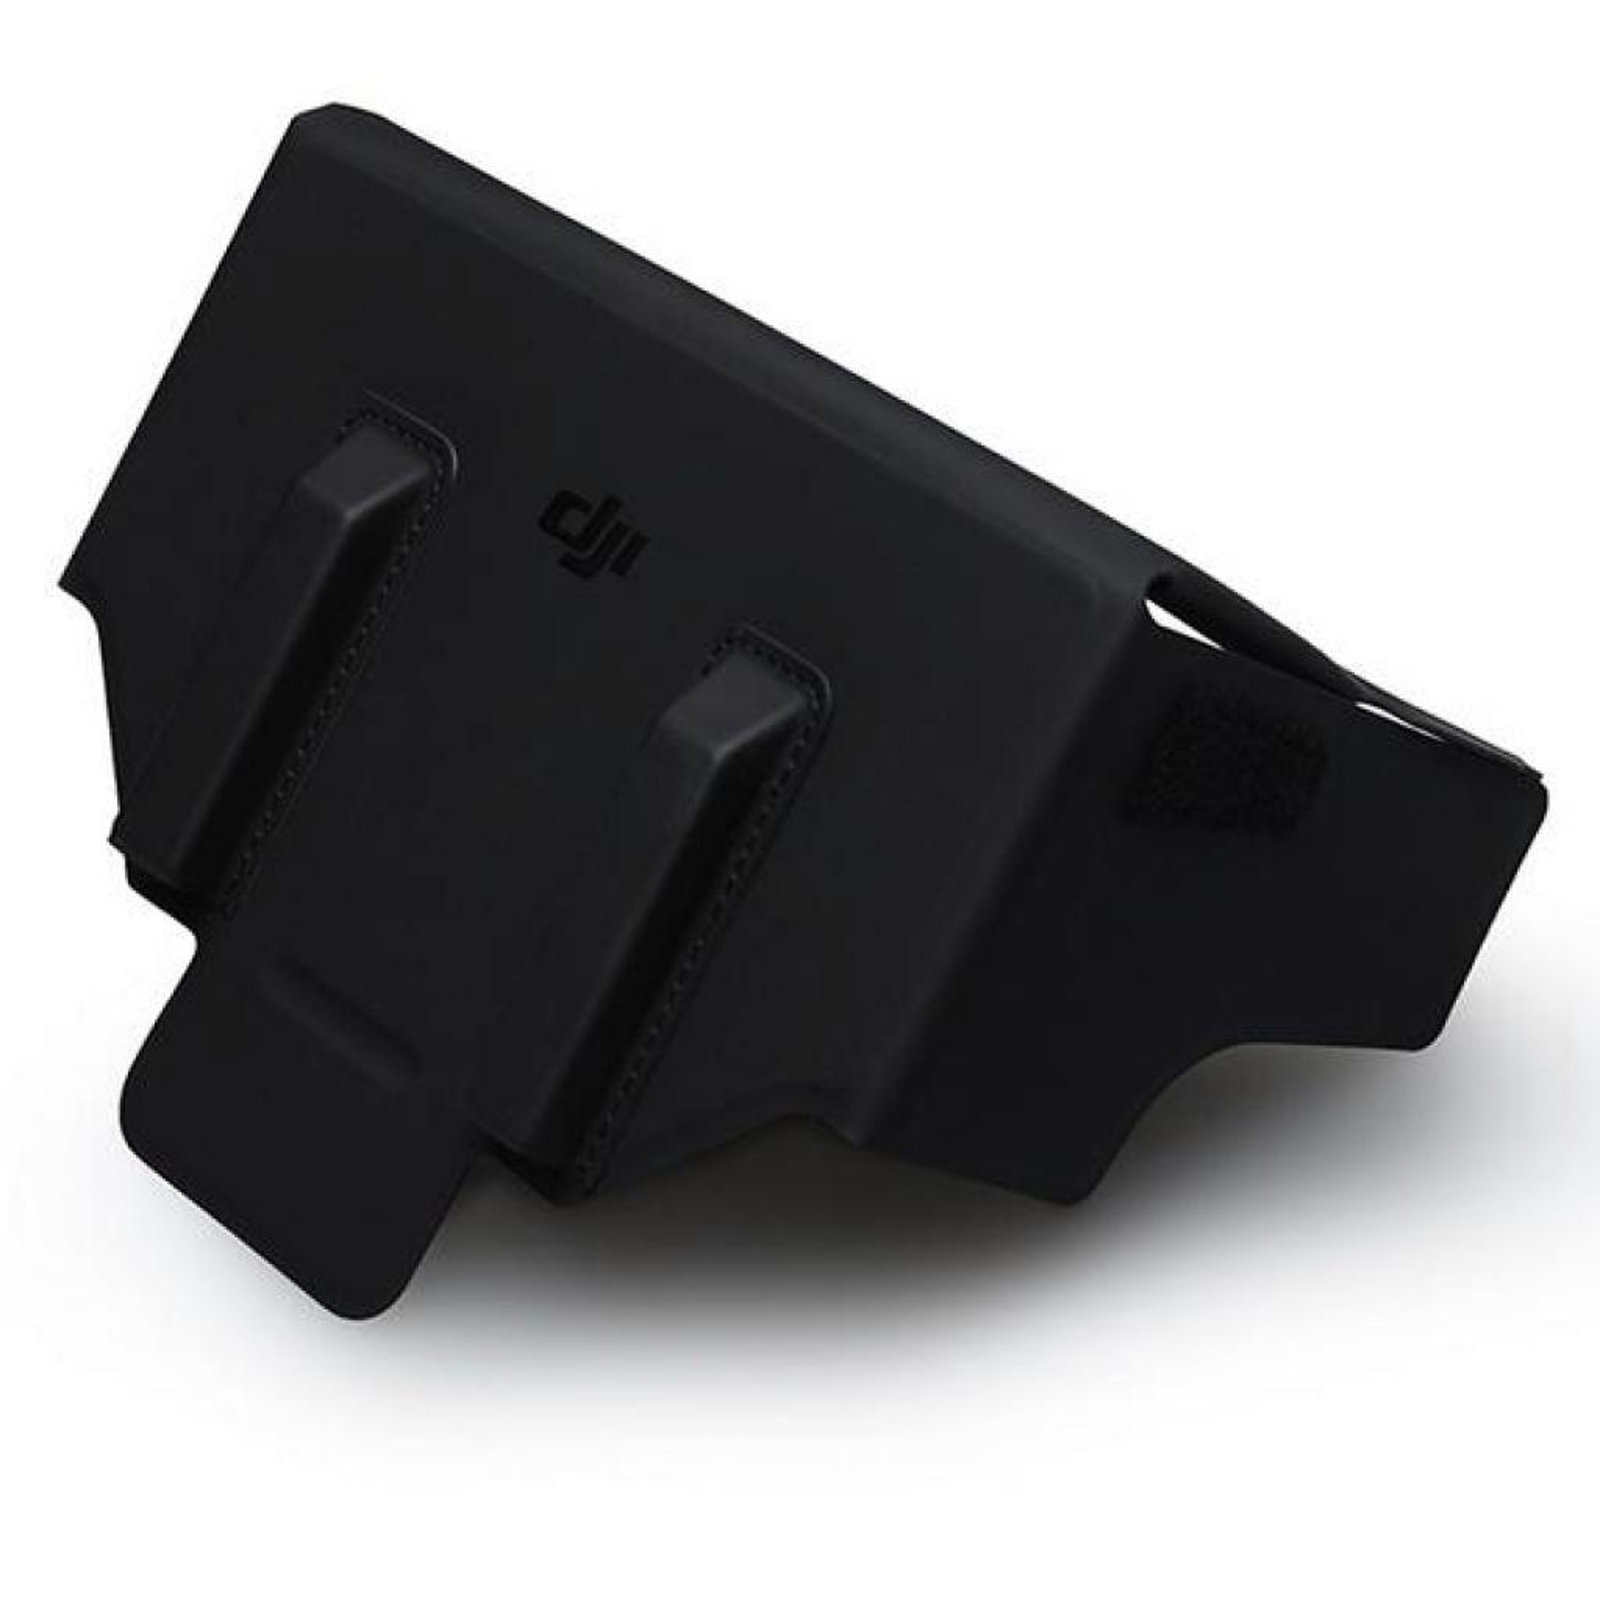 Защита для дрона DJI Mavic Monitor Hood (6958265134722) изображение 2